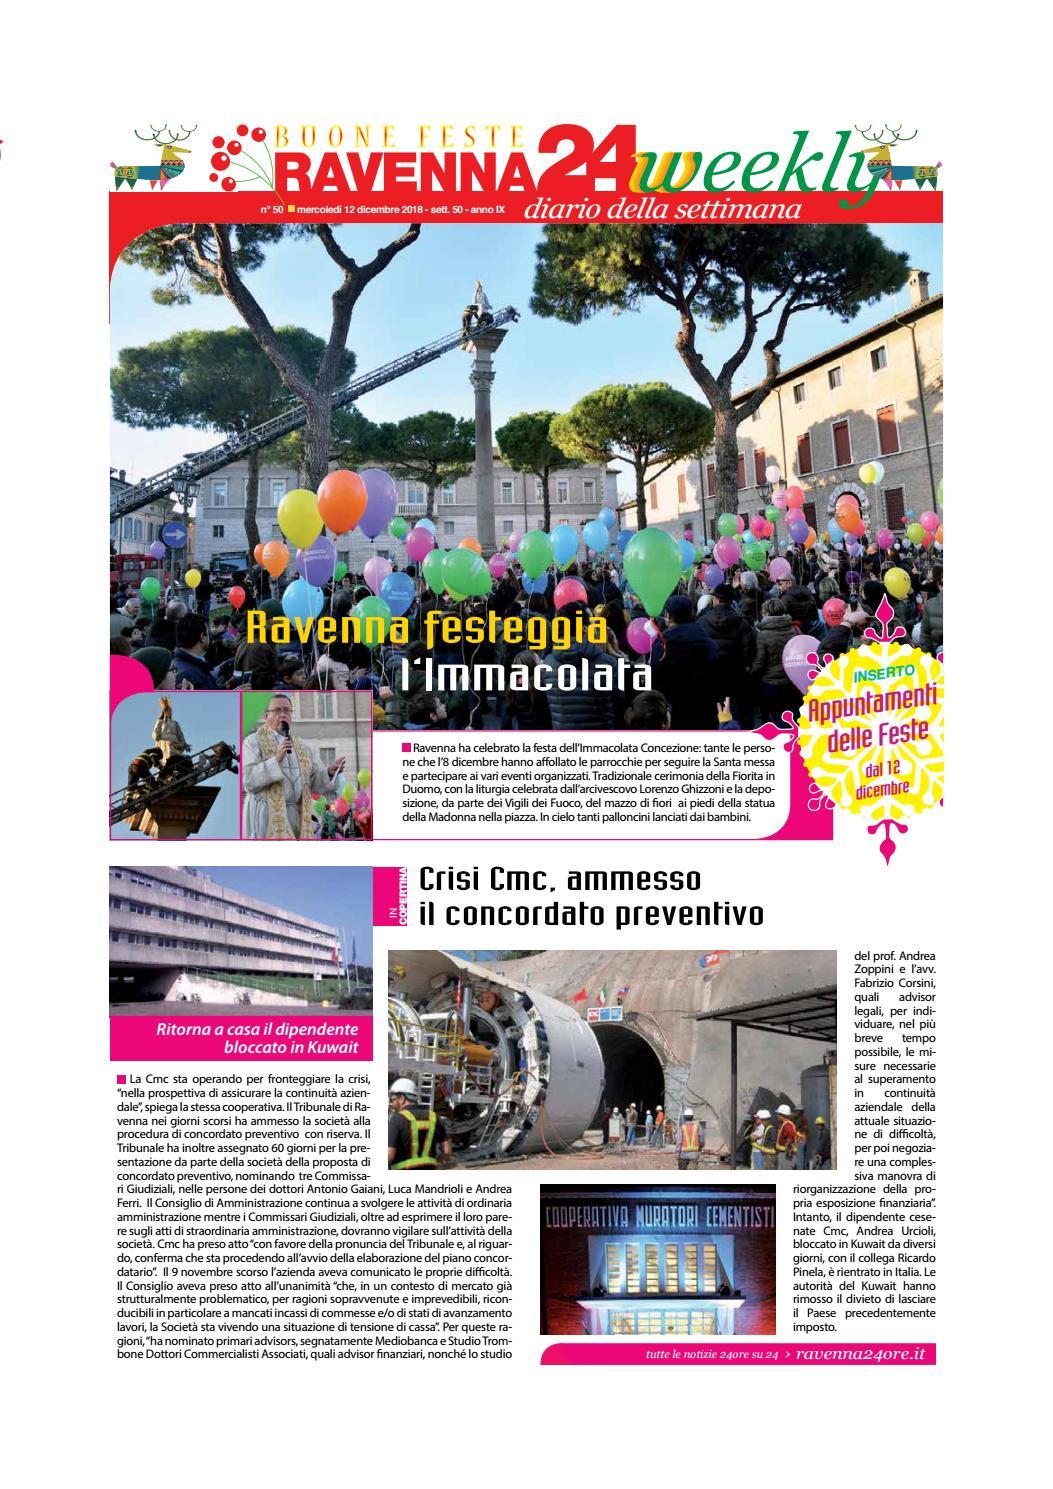 Mazzo Di Fiori Sperlari.Ravenna24weekly 12 Dicembre 2018 By Ravenna24weekly Issuu